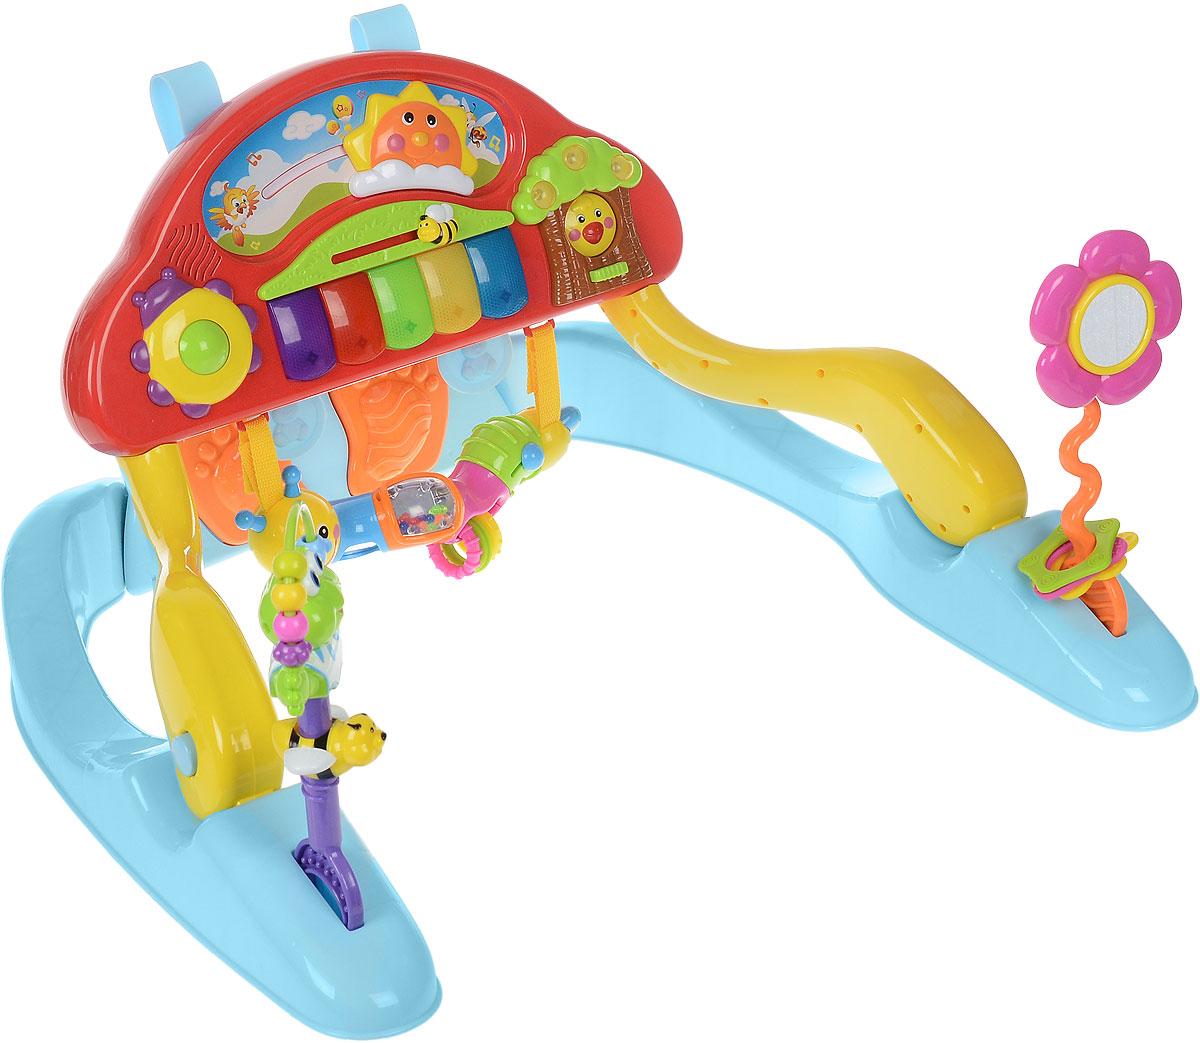 Joy Toy Развивающая игрушка Веселое пианино9476Развивающая игрушка Joy Toy Веселое пианино обязательно привлечет внимание вашего малыша. Игрушка выполнена из высококачественных нетоксичных материалов, абсолютно безопасных для ребенка. Игрушка представляет собой подставку с закрепленным на ней пластиковым корпусом детского пианино разных цветов и оснащена световыми и звуковыми эффектами. Игрушка может использоваться как в положении лежа, так и сидя. Когда звучит мелодия, солнышко радуется и начинает двигаться, как настоящее. На панели расположена пчелка, при ее движении ваш малыш услышит веселое жужжание. На цветке имеется безопасное зеркальце, в которое ребенок будет любоваться на себя. Если потянуть за гусеничку-погремушку, то можно услышать веселые мелодии. Развивающая игрушка Joy Toy Веселое пианино поможет малышу развить цветовое и звуковое восприятие, причинно-следственные связи, визуальные навыки, координацию, воображение и мелкую моторику рук. Необходимо купить 3 батарейки...